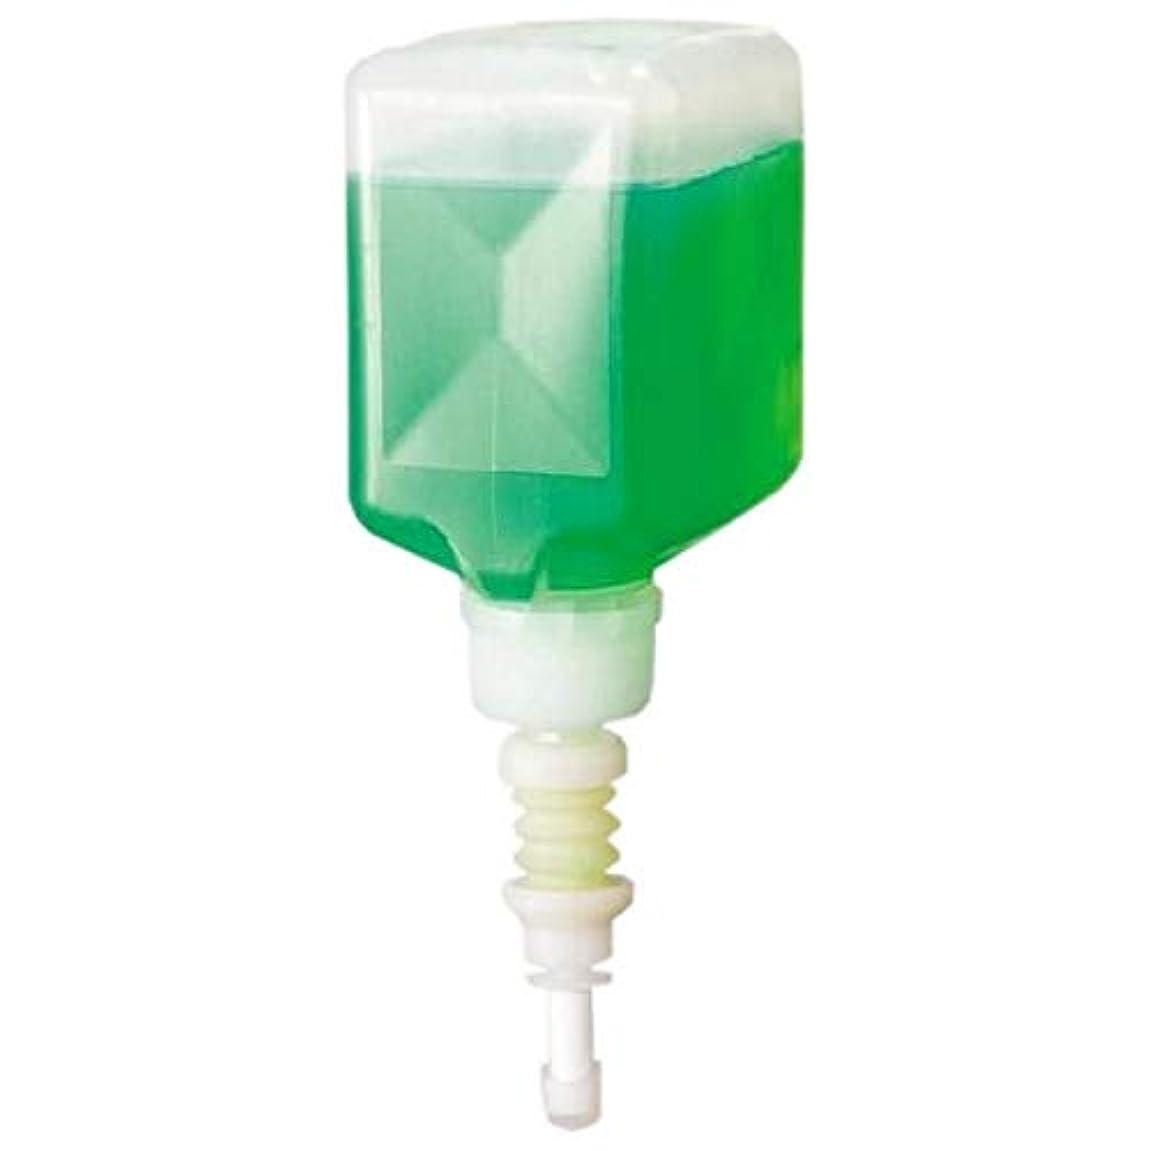 誠実バインド連合スタイルデコ シャボネット石けん液Fデコ専用薬液 緑色